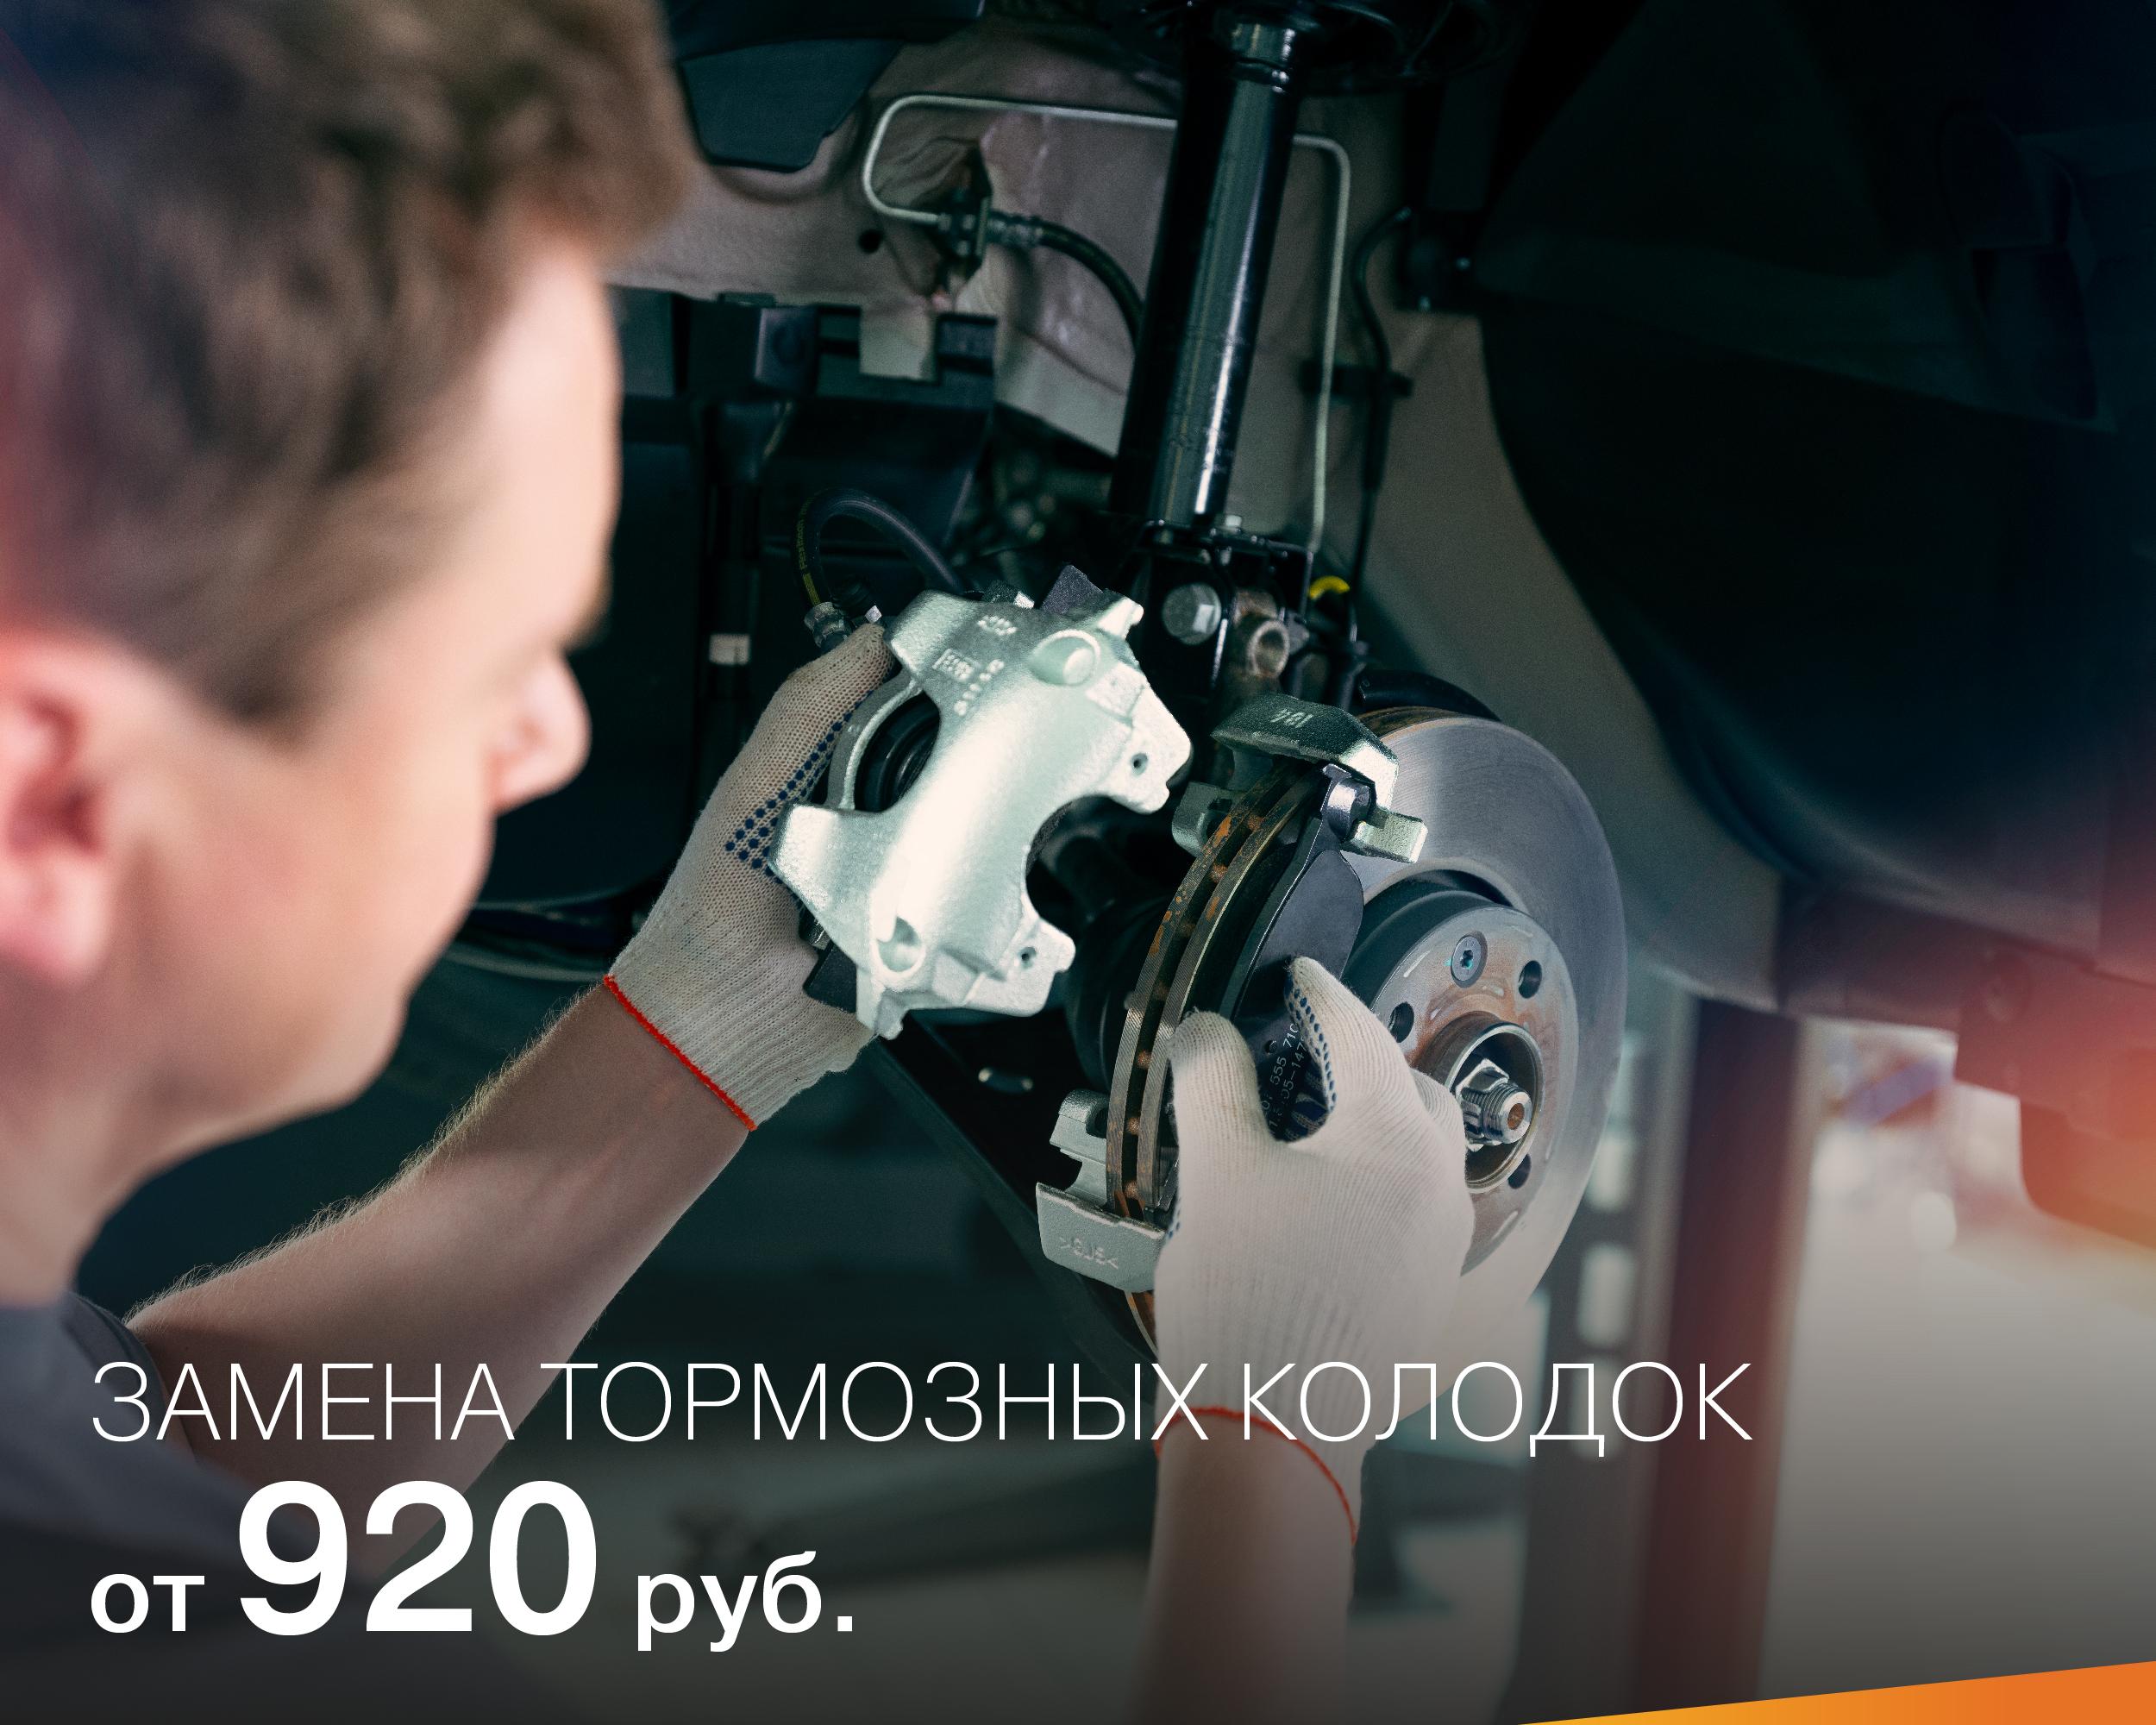 Замена тормозных колодок от 920 рублей